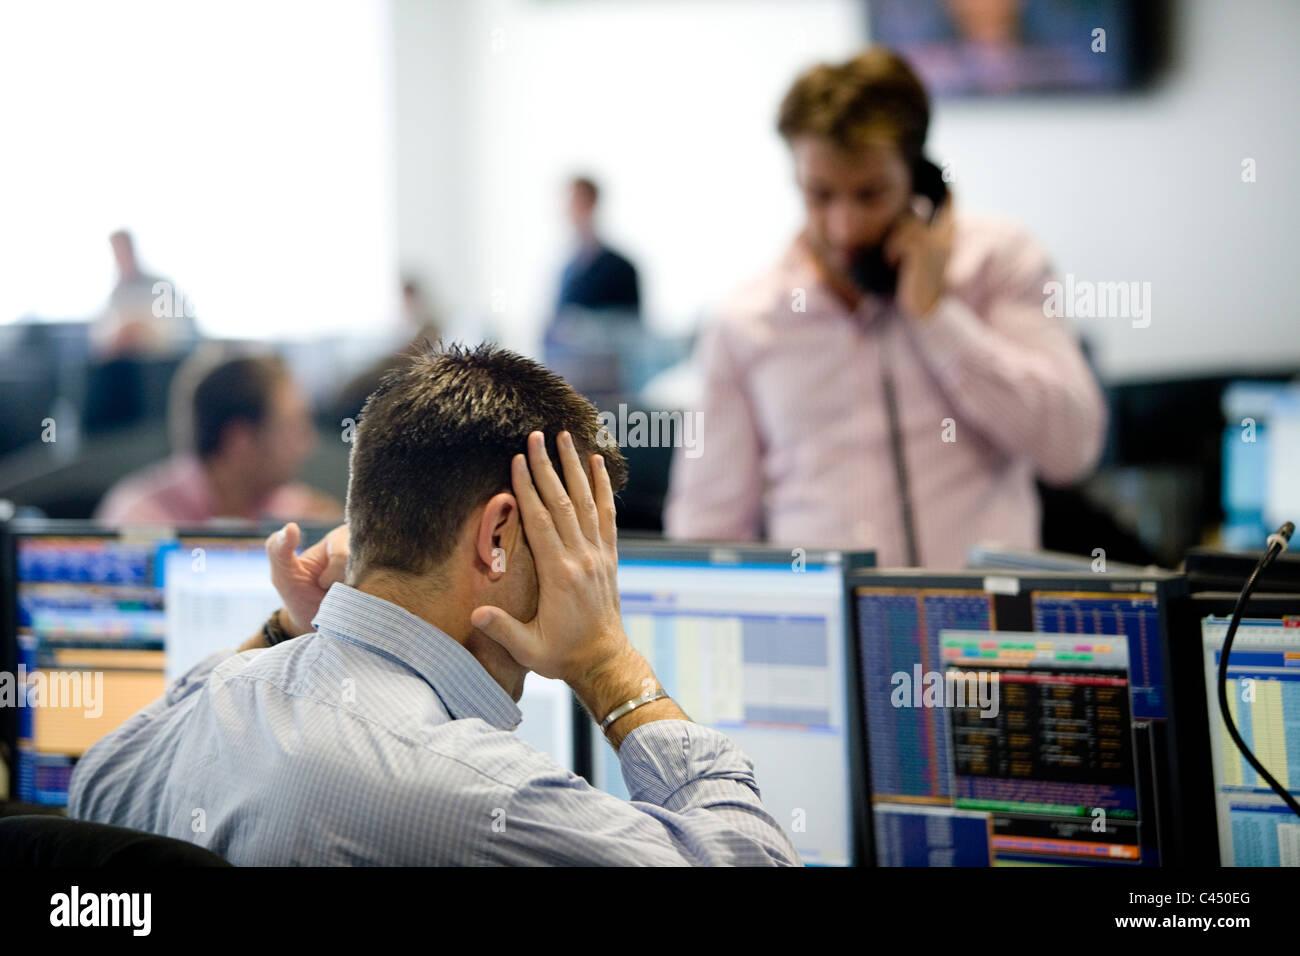 BGC voce + elettronica società di brokeraggio di trading floor, commercianti di competere sulle scorte e condivide Immagini Stock